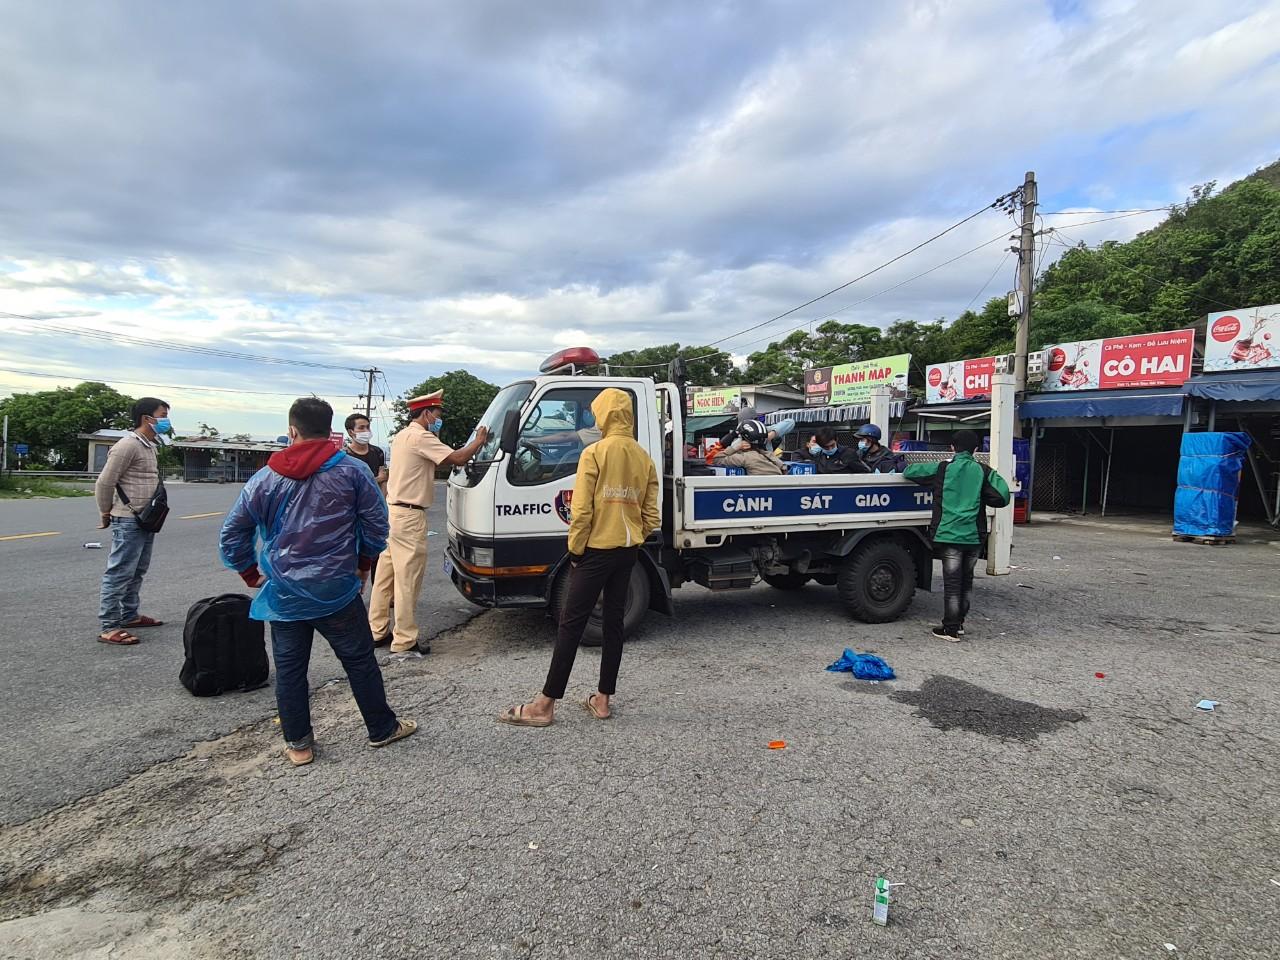 Đưa người và công dân quê ở Huế về cách ly tại Ký túc xá của Đại học Huế tại đường Hồ Đắc Di